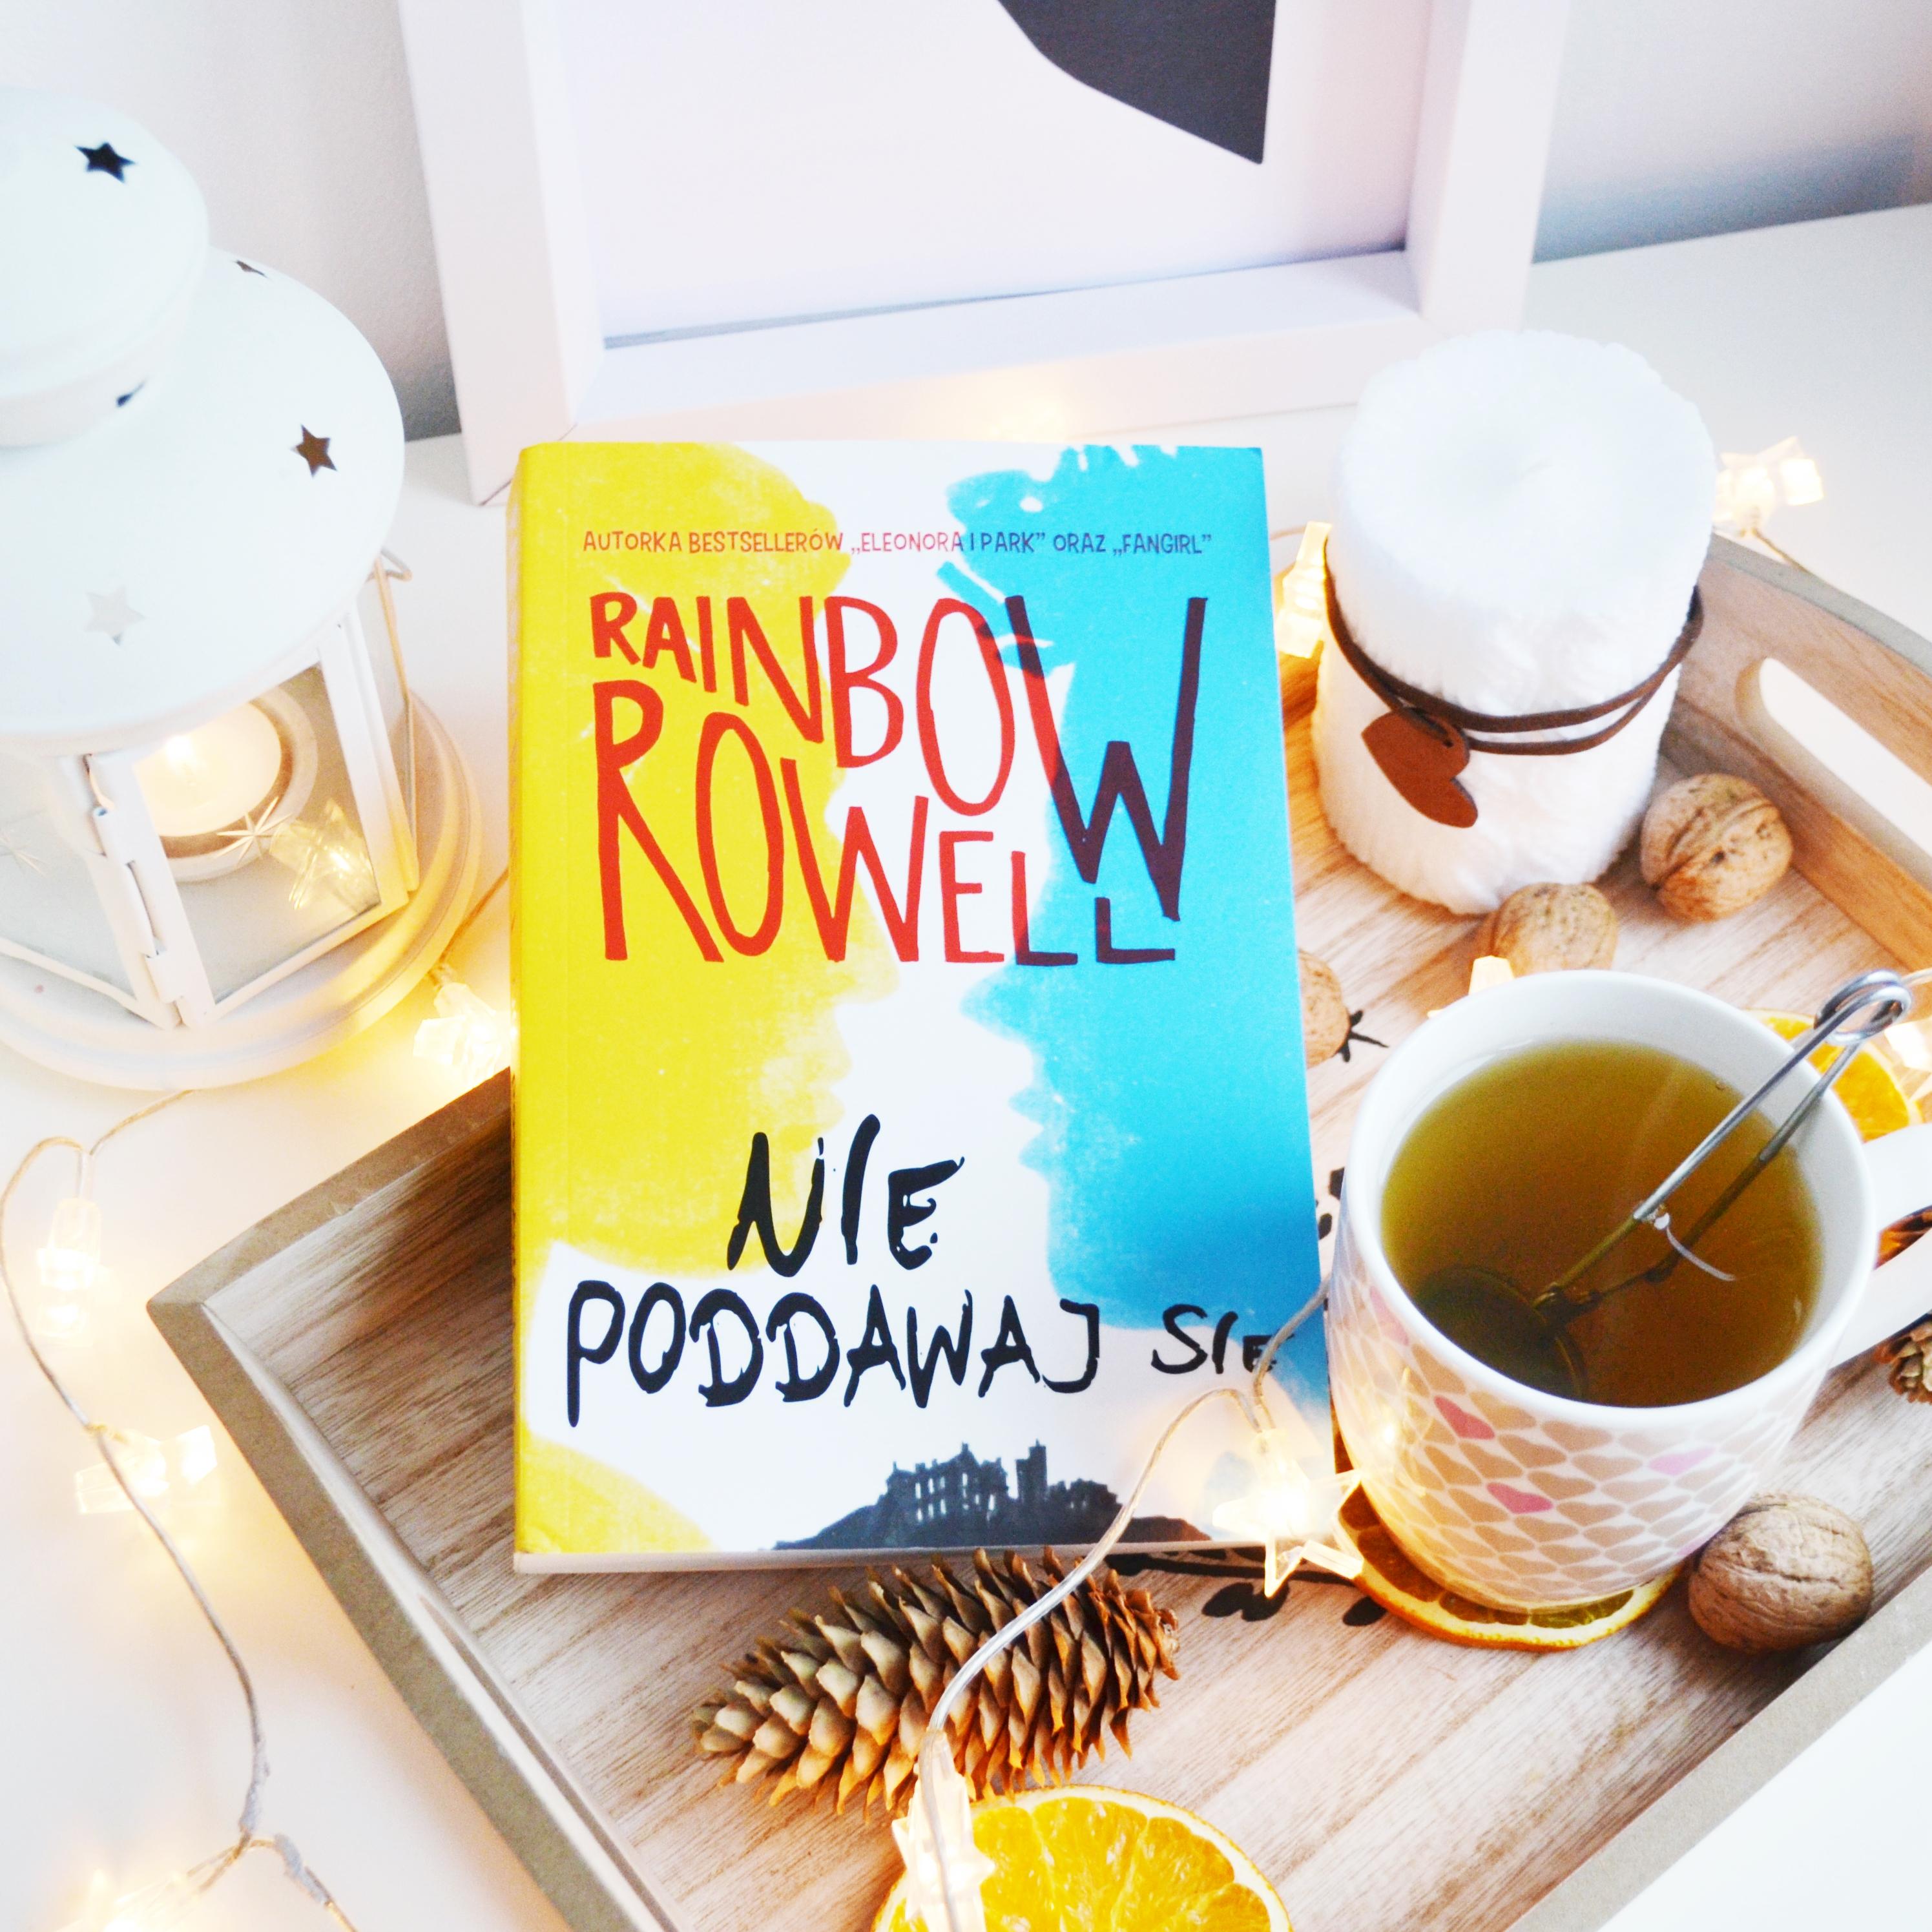 nie-poddawaj-sie-rainbow-rowell